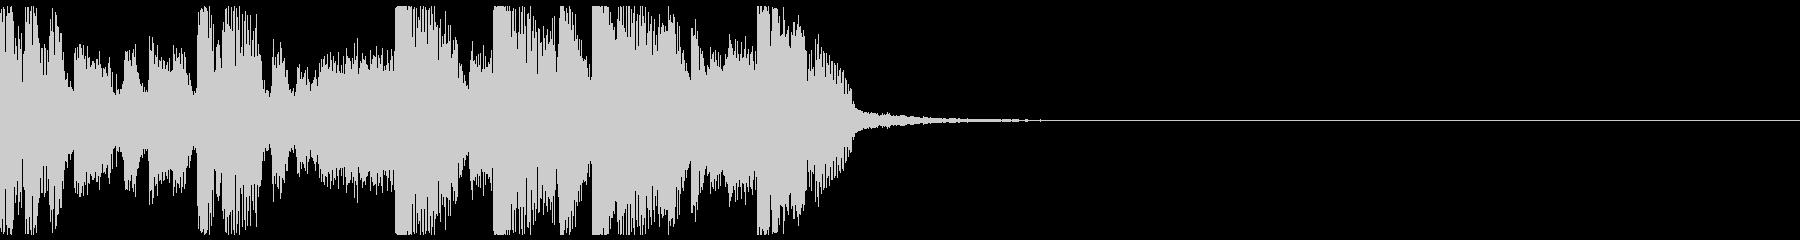 ハードダンスなジングルの未再生の波形